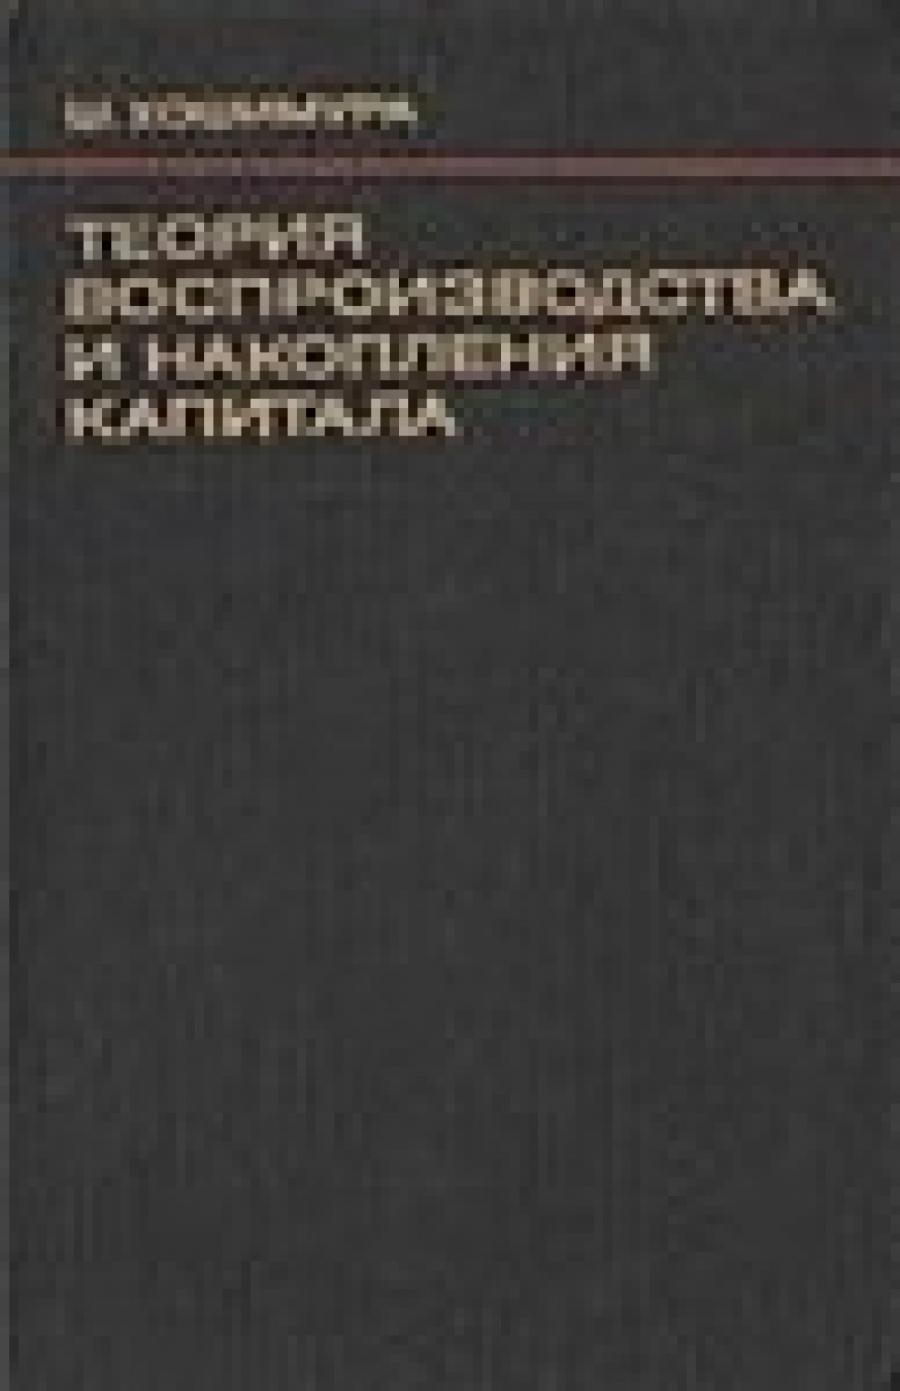 Обложка книги:  ш. хошимура - теория воспроизводства и накопления капитала